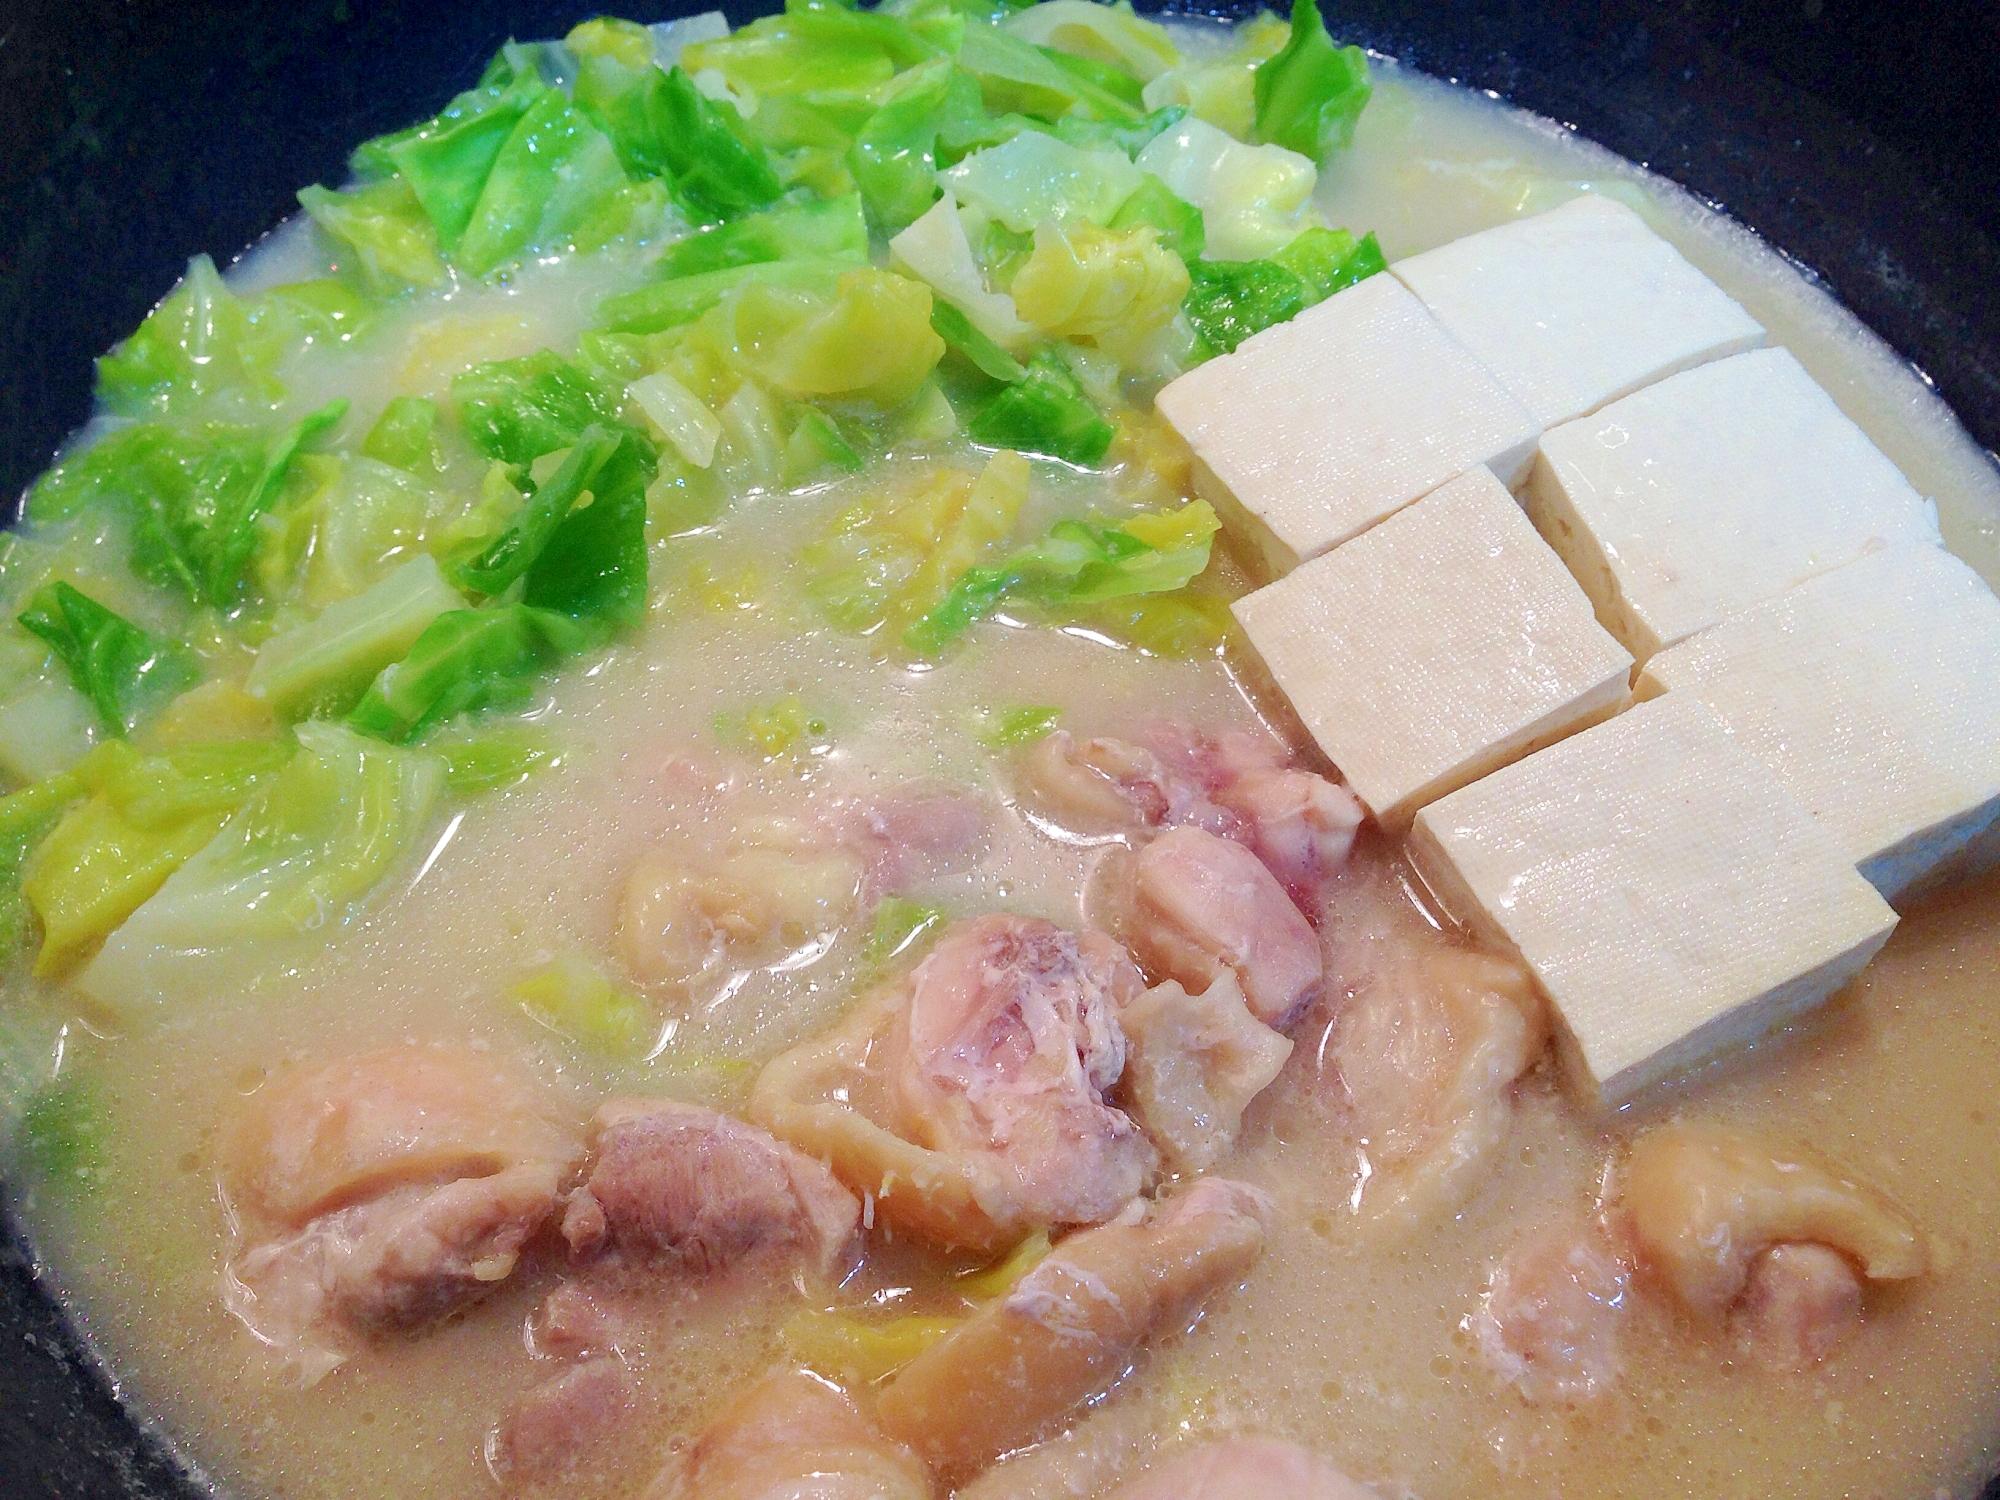 鍋キューブで☆鶏肉とキャベツの白湯鍋 レシピ・作り方 by うーころちゃん|楽天レシピ